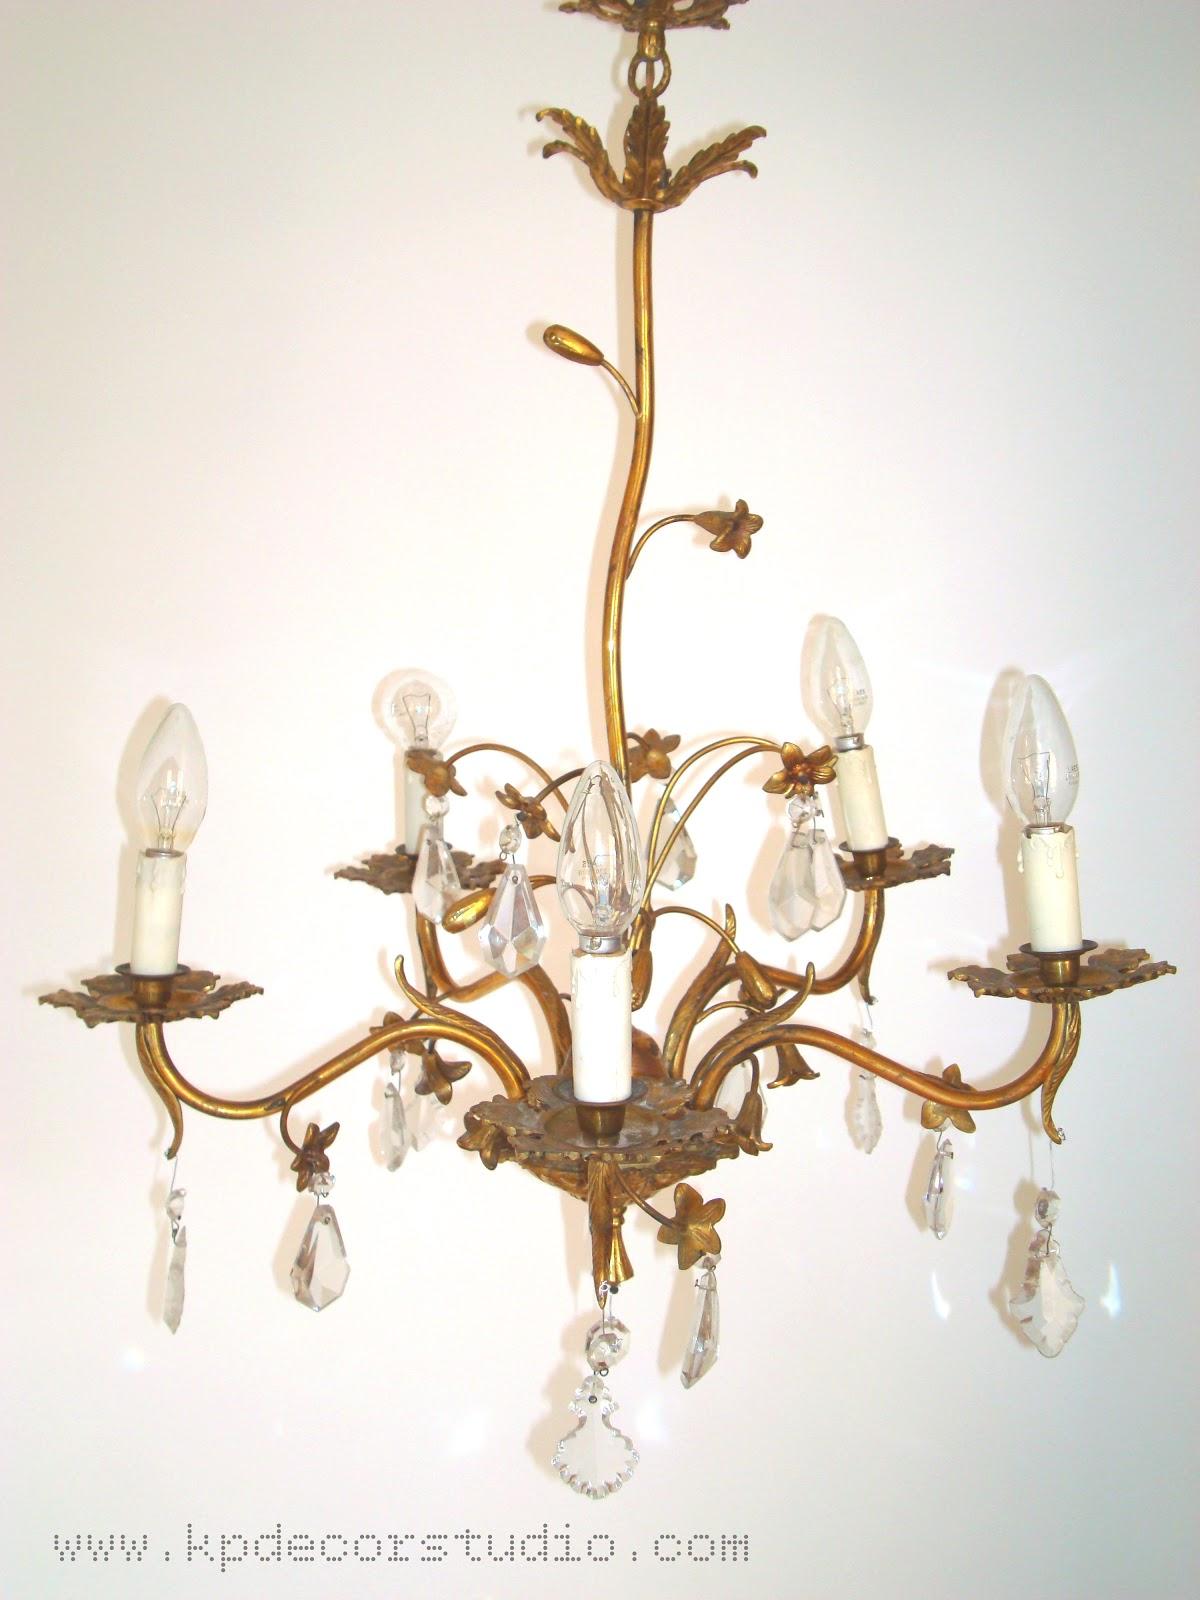 Kp decor studio l mpara de l grimas a os 50 chandelier - Lamparas de arana antiguas ...